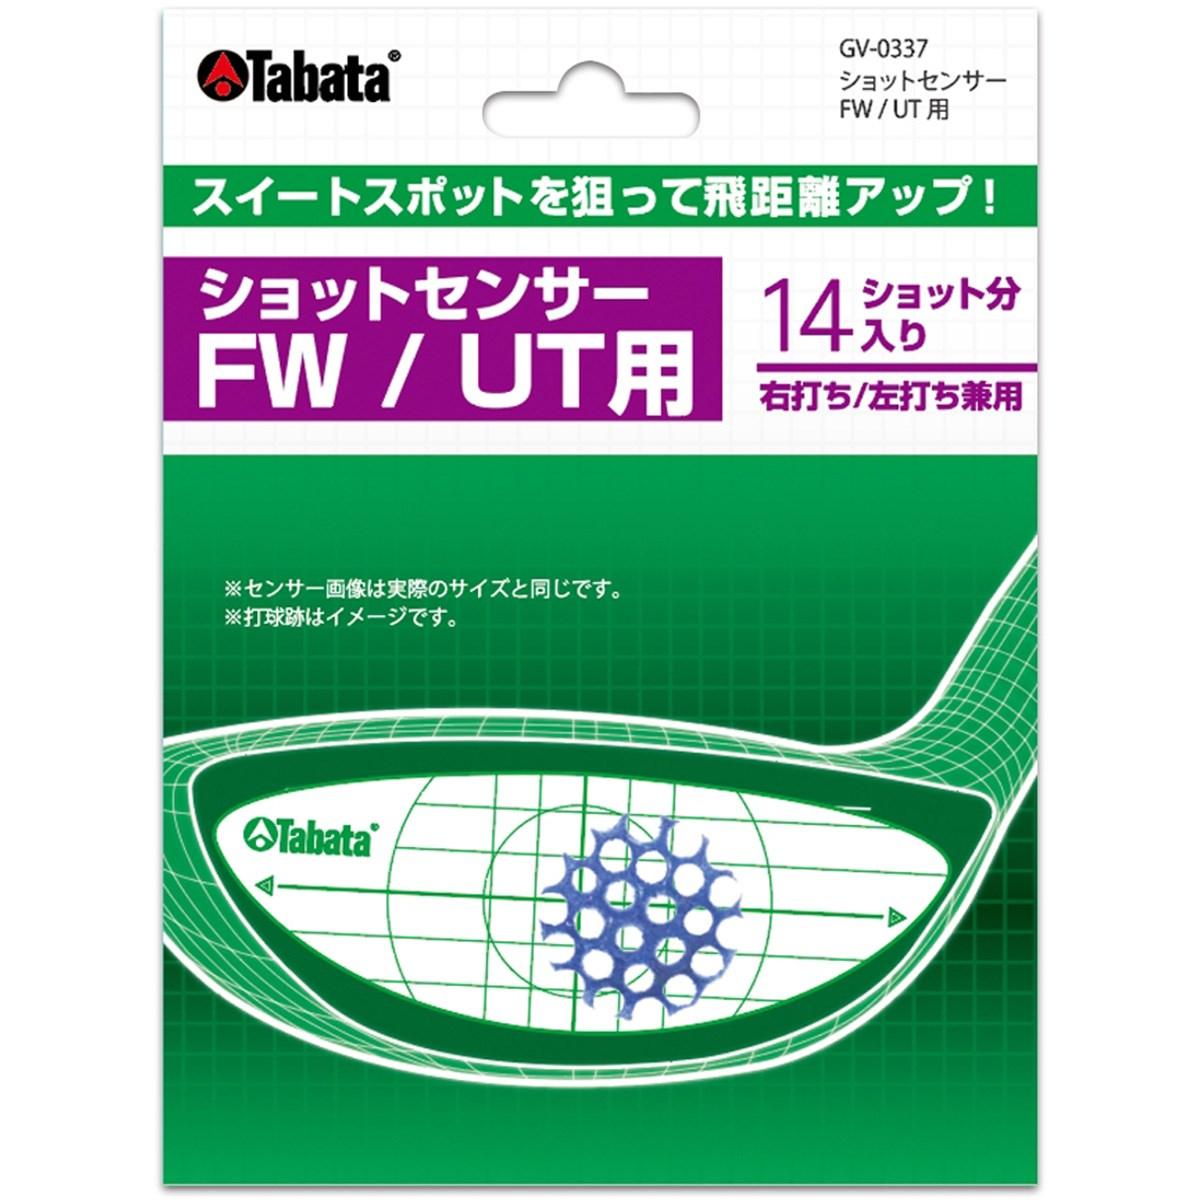 タバタ FW・UT用ショットセンサー GV-0337